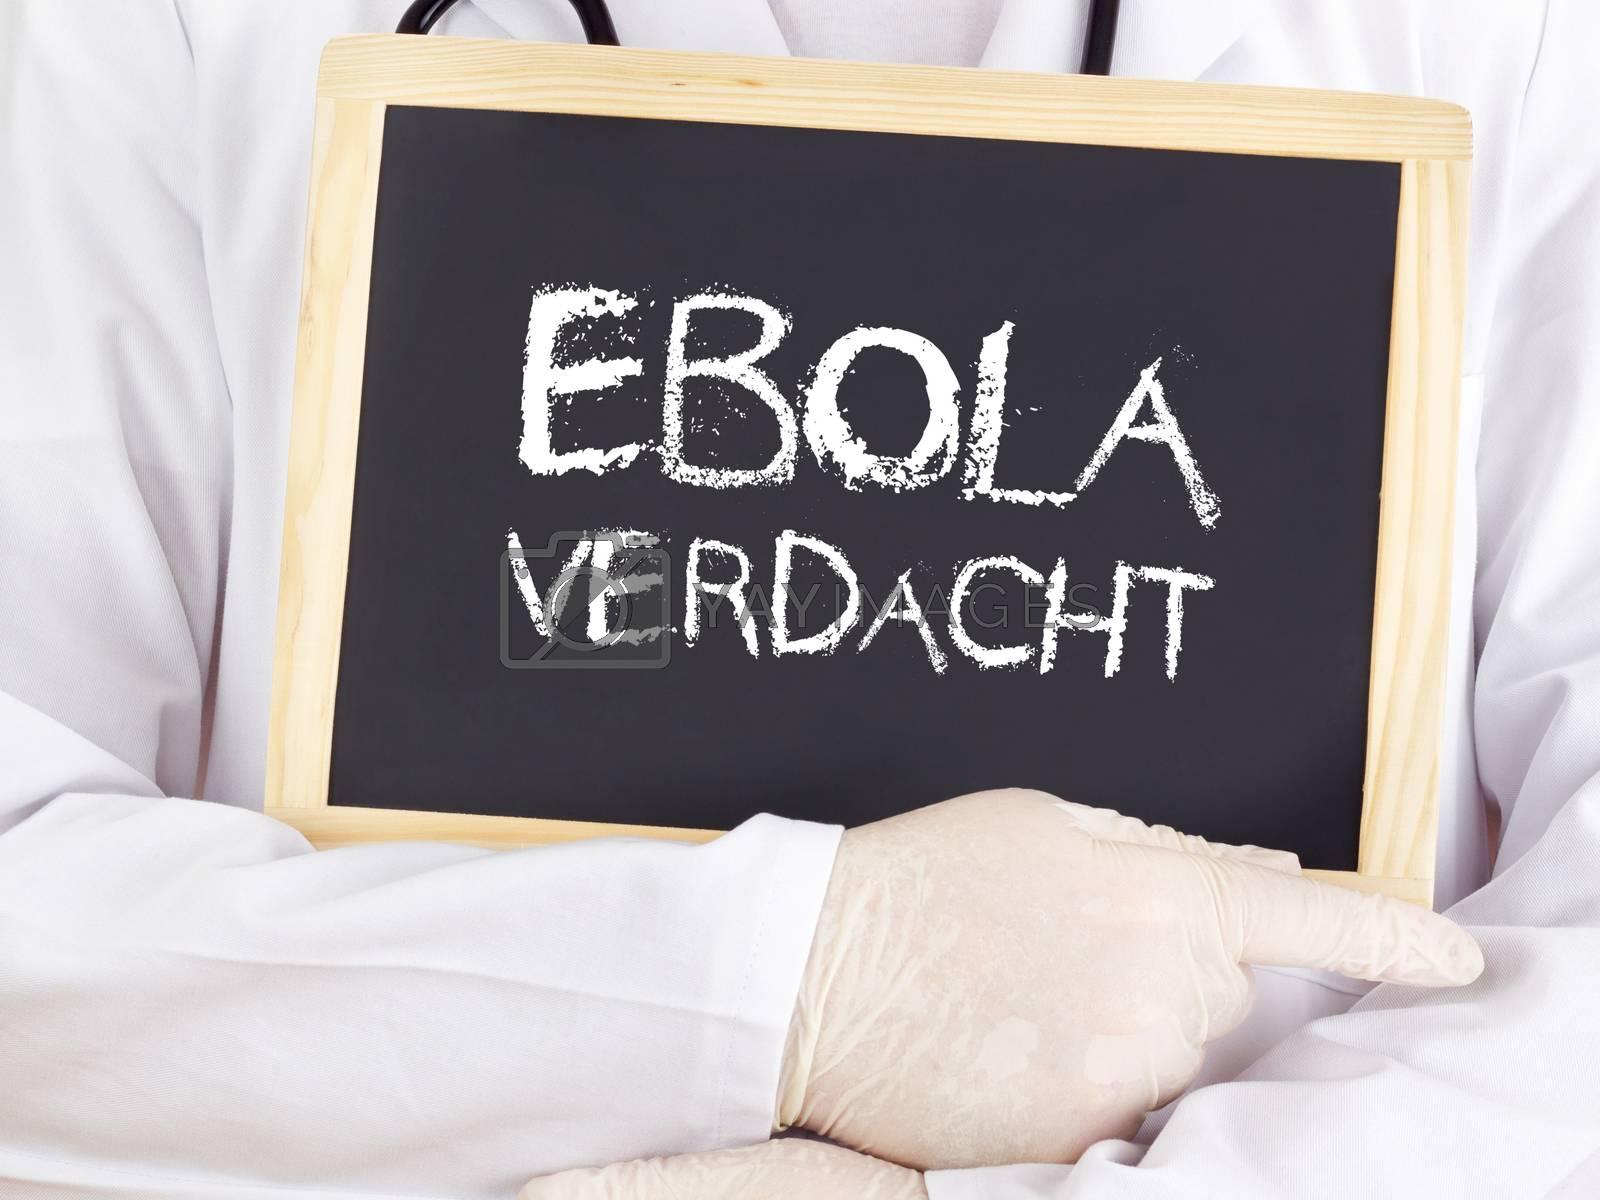 Doctor shows information: Ebola suspicion in german